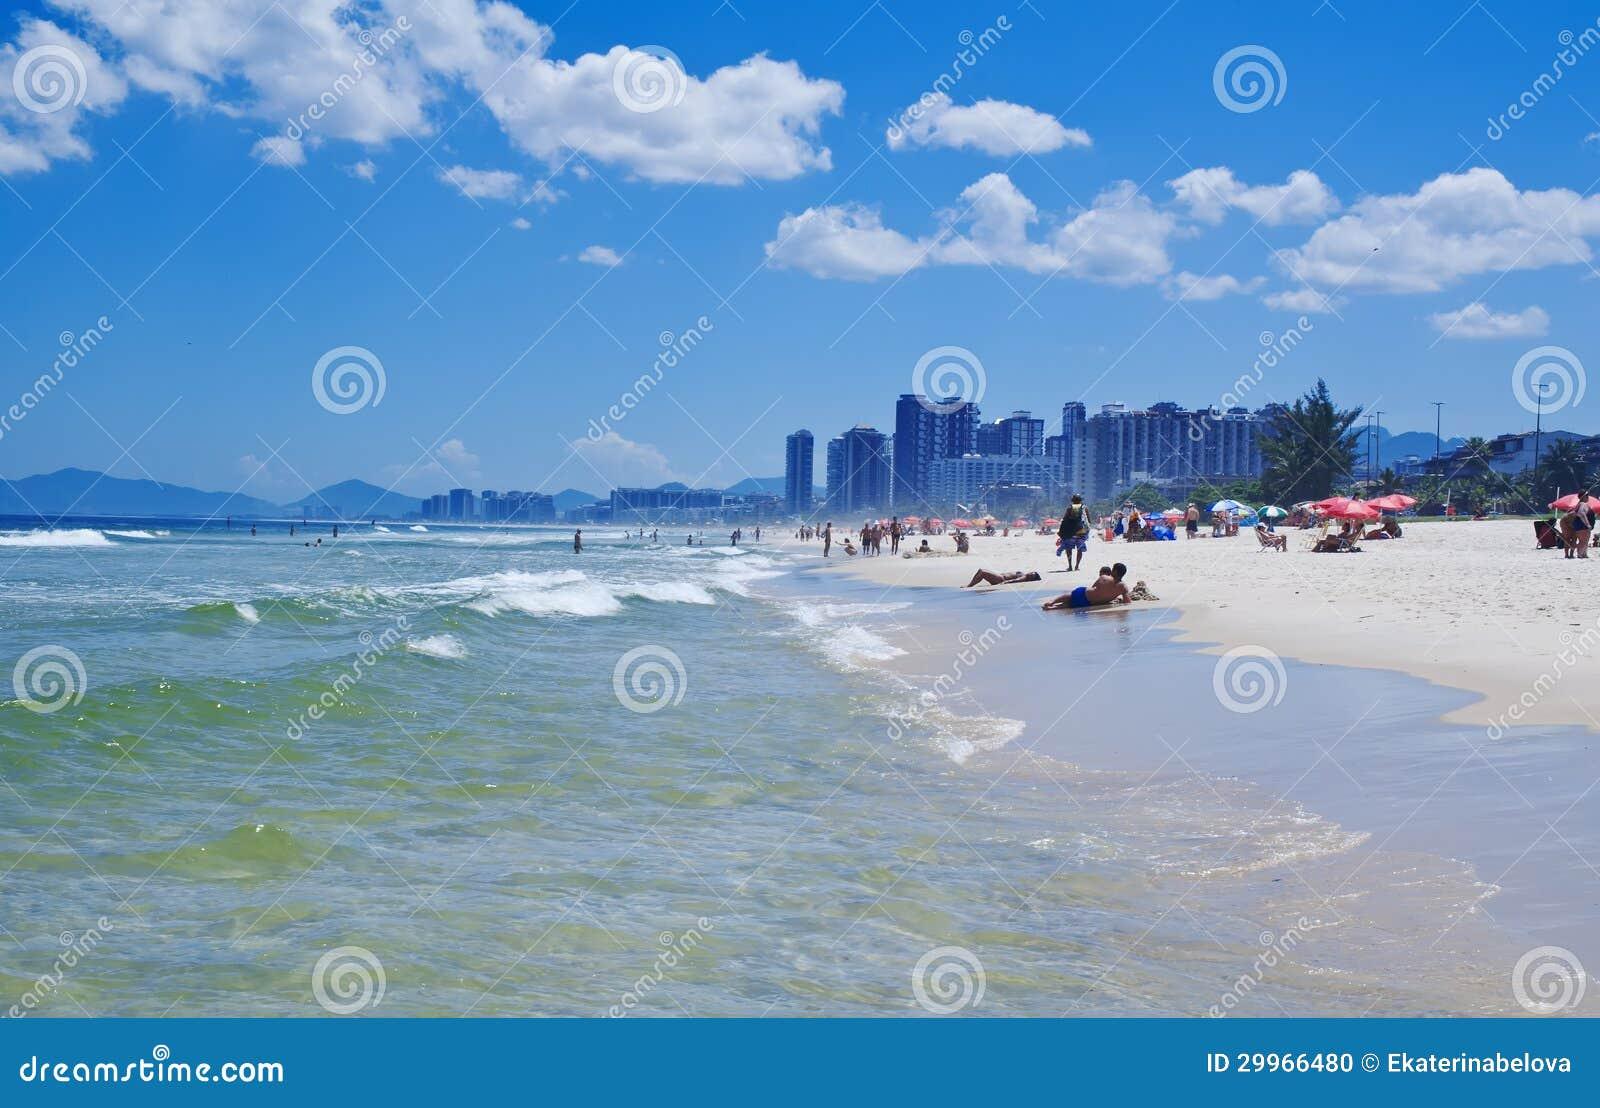 View of Barra da Tijuca beach in Rio de Janeiro